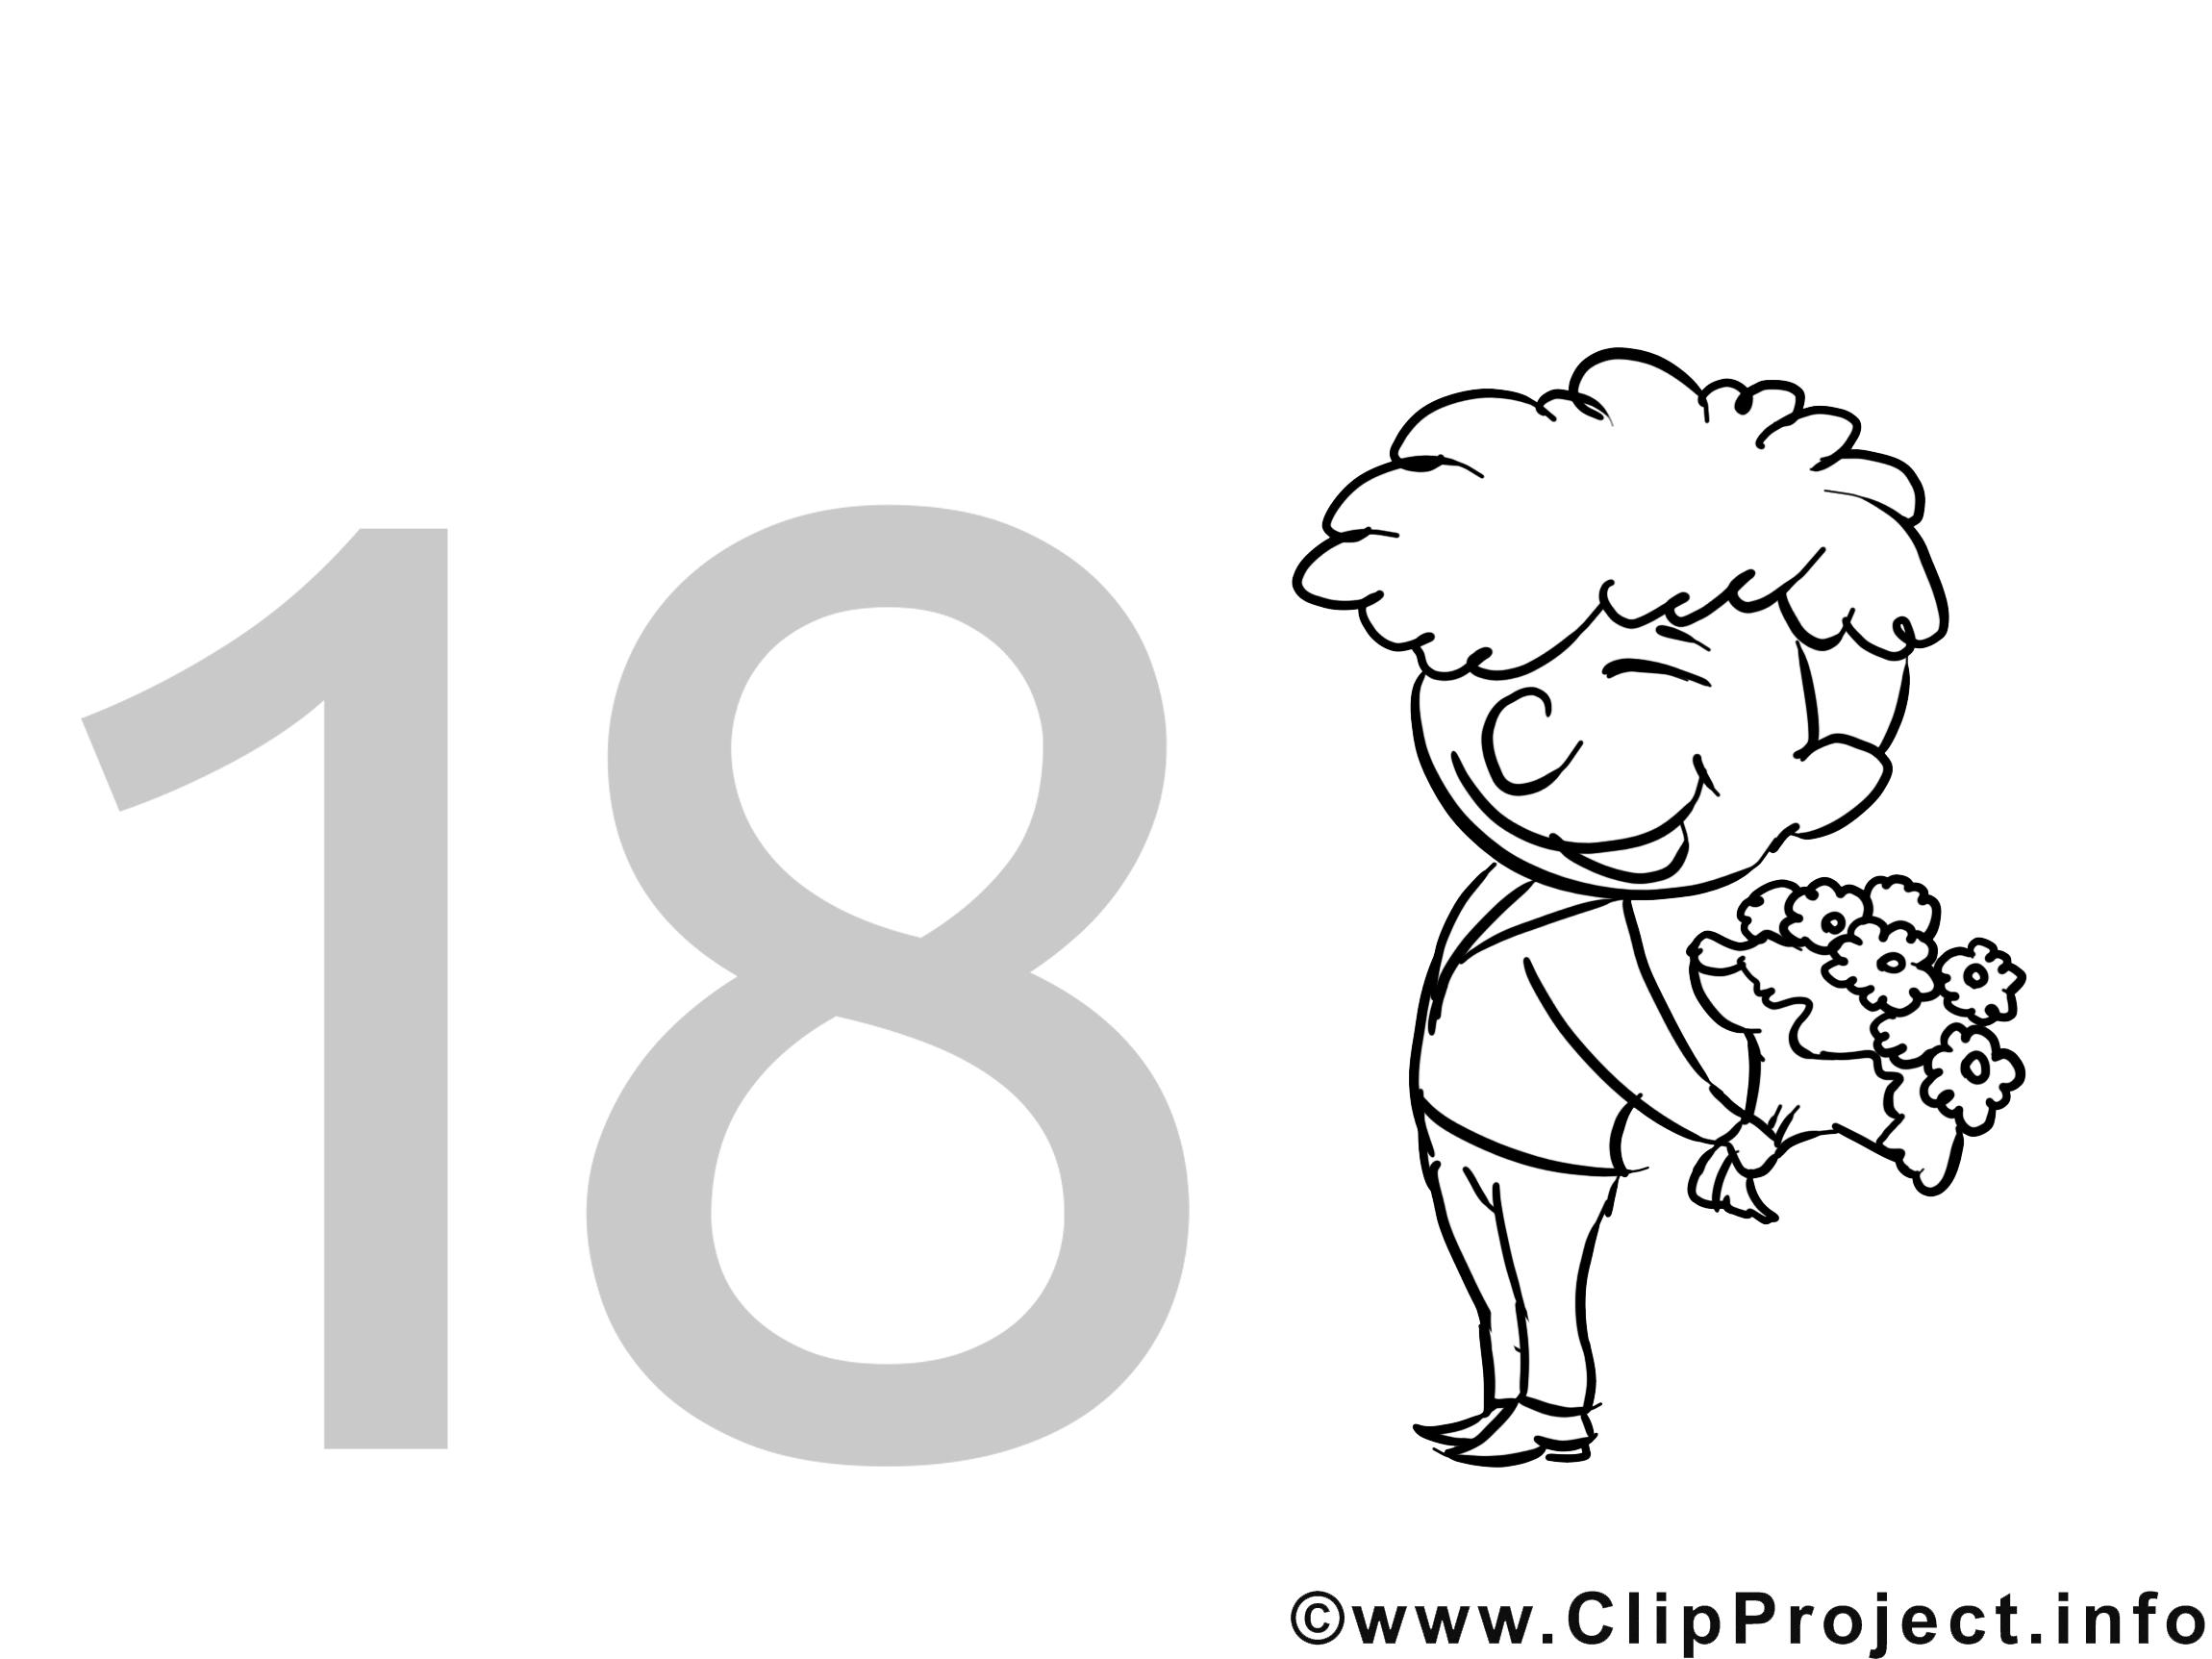 18 ans dessin invitations gratuits imprimer invitations coloriages dessin picture image - Dessin invitation ...